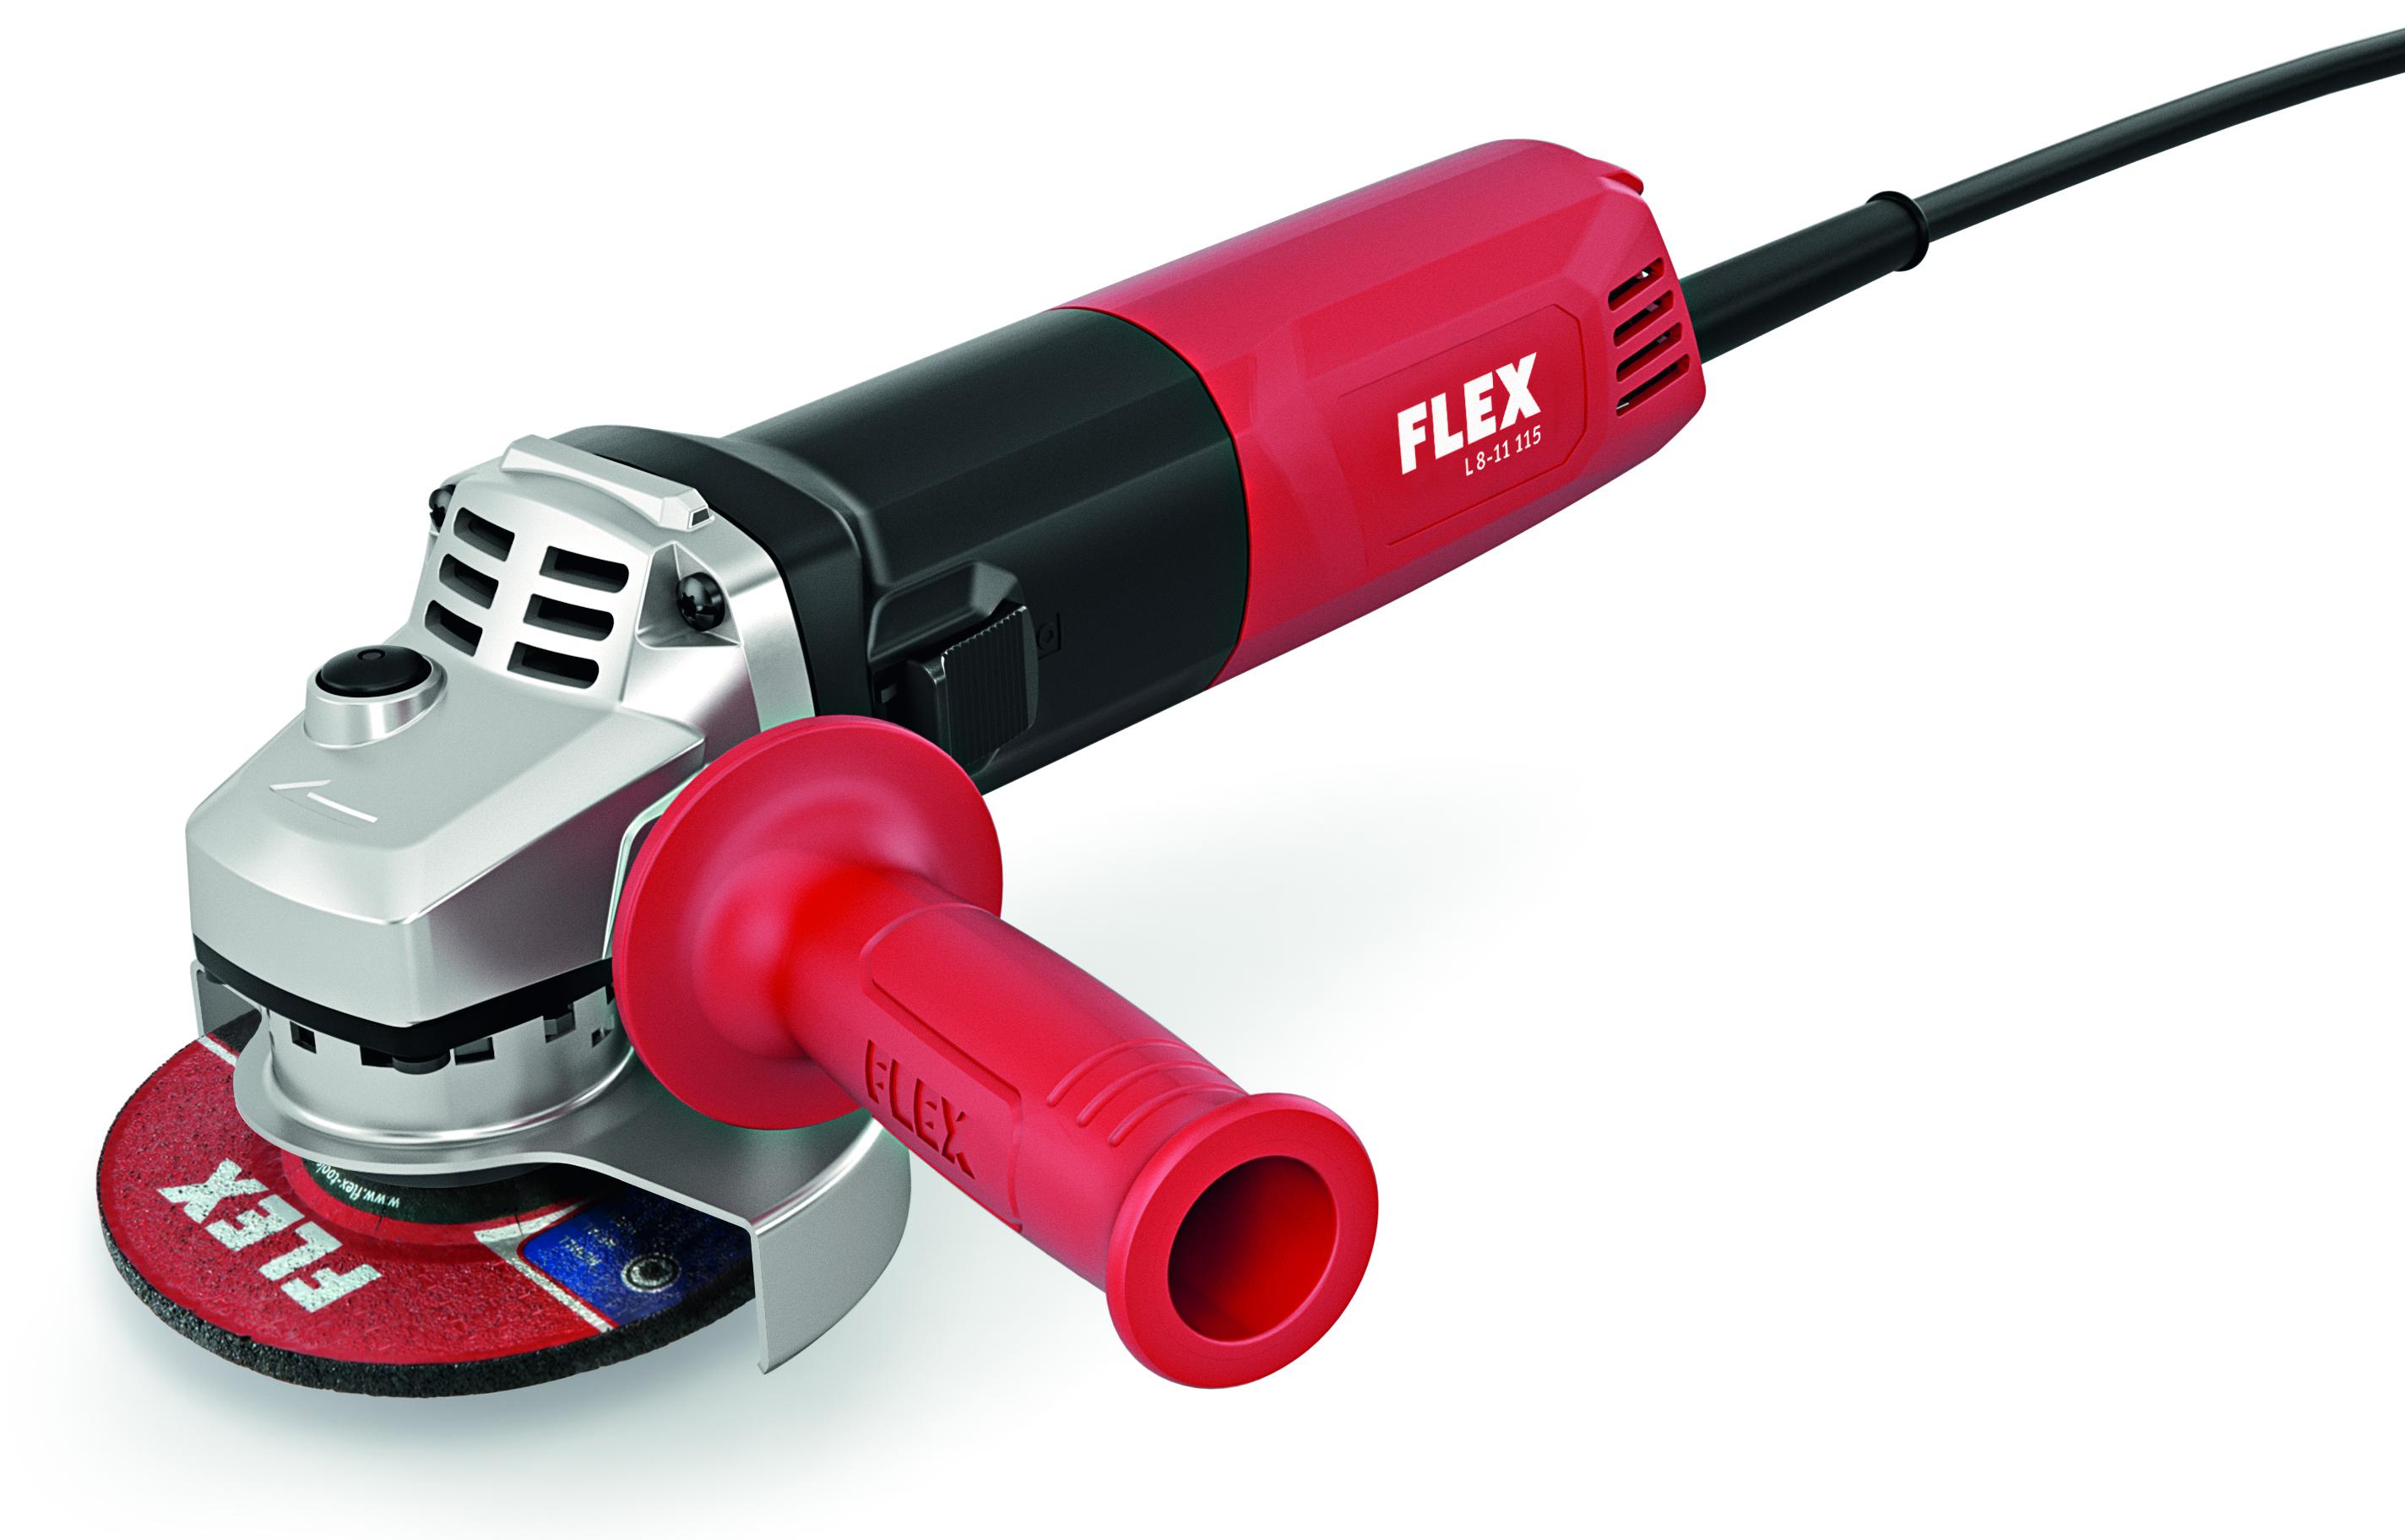 FLEX Winkelschleifer 115 mm 800 W 458341